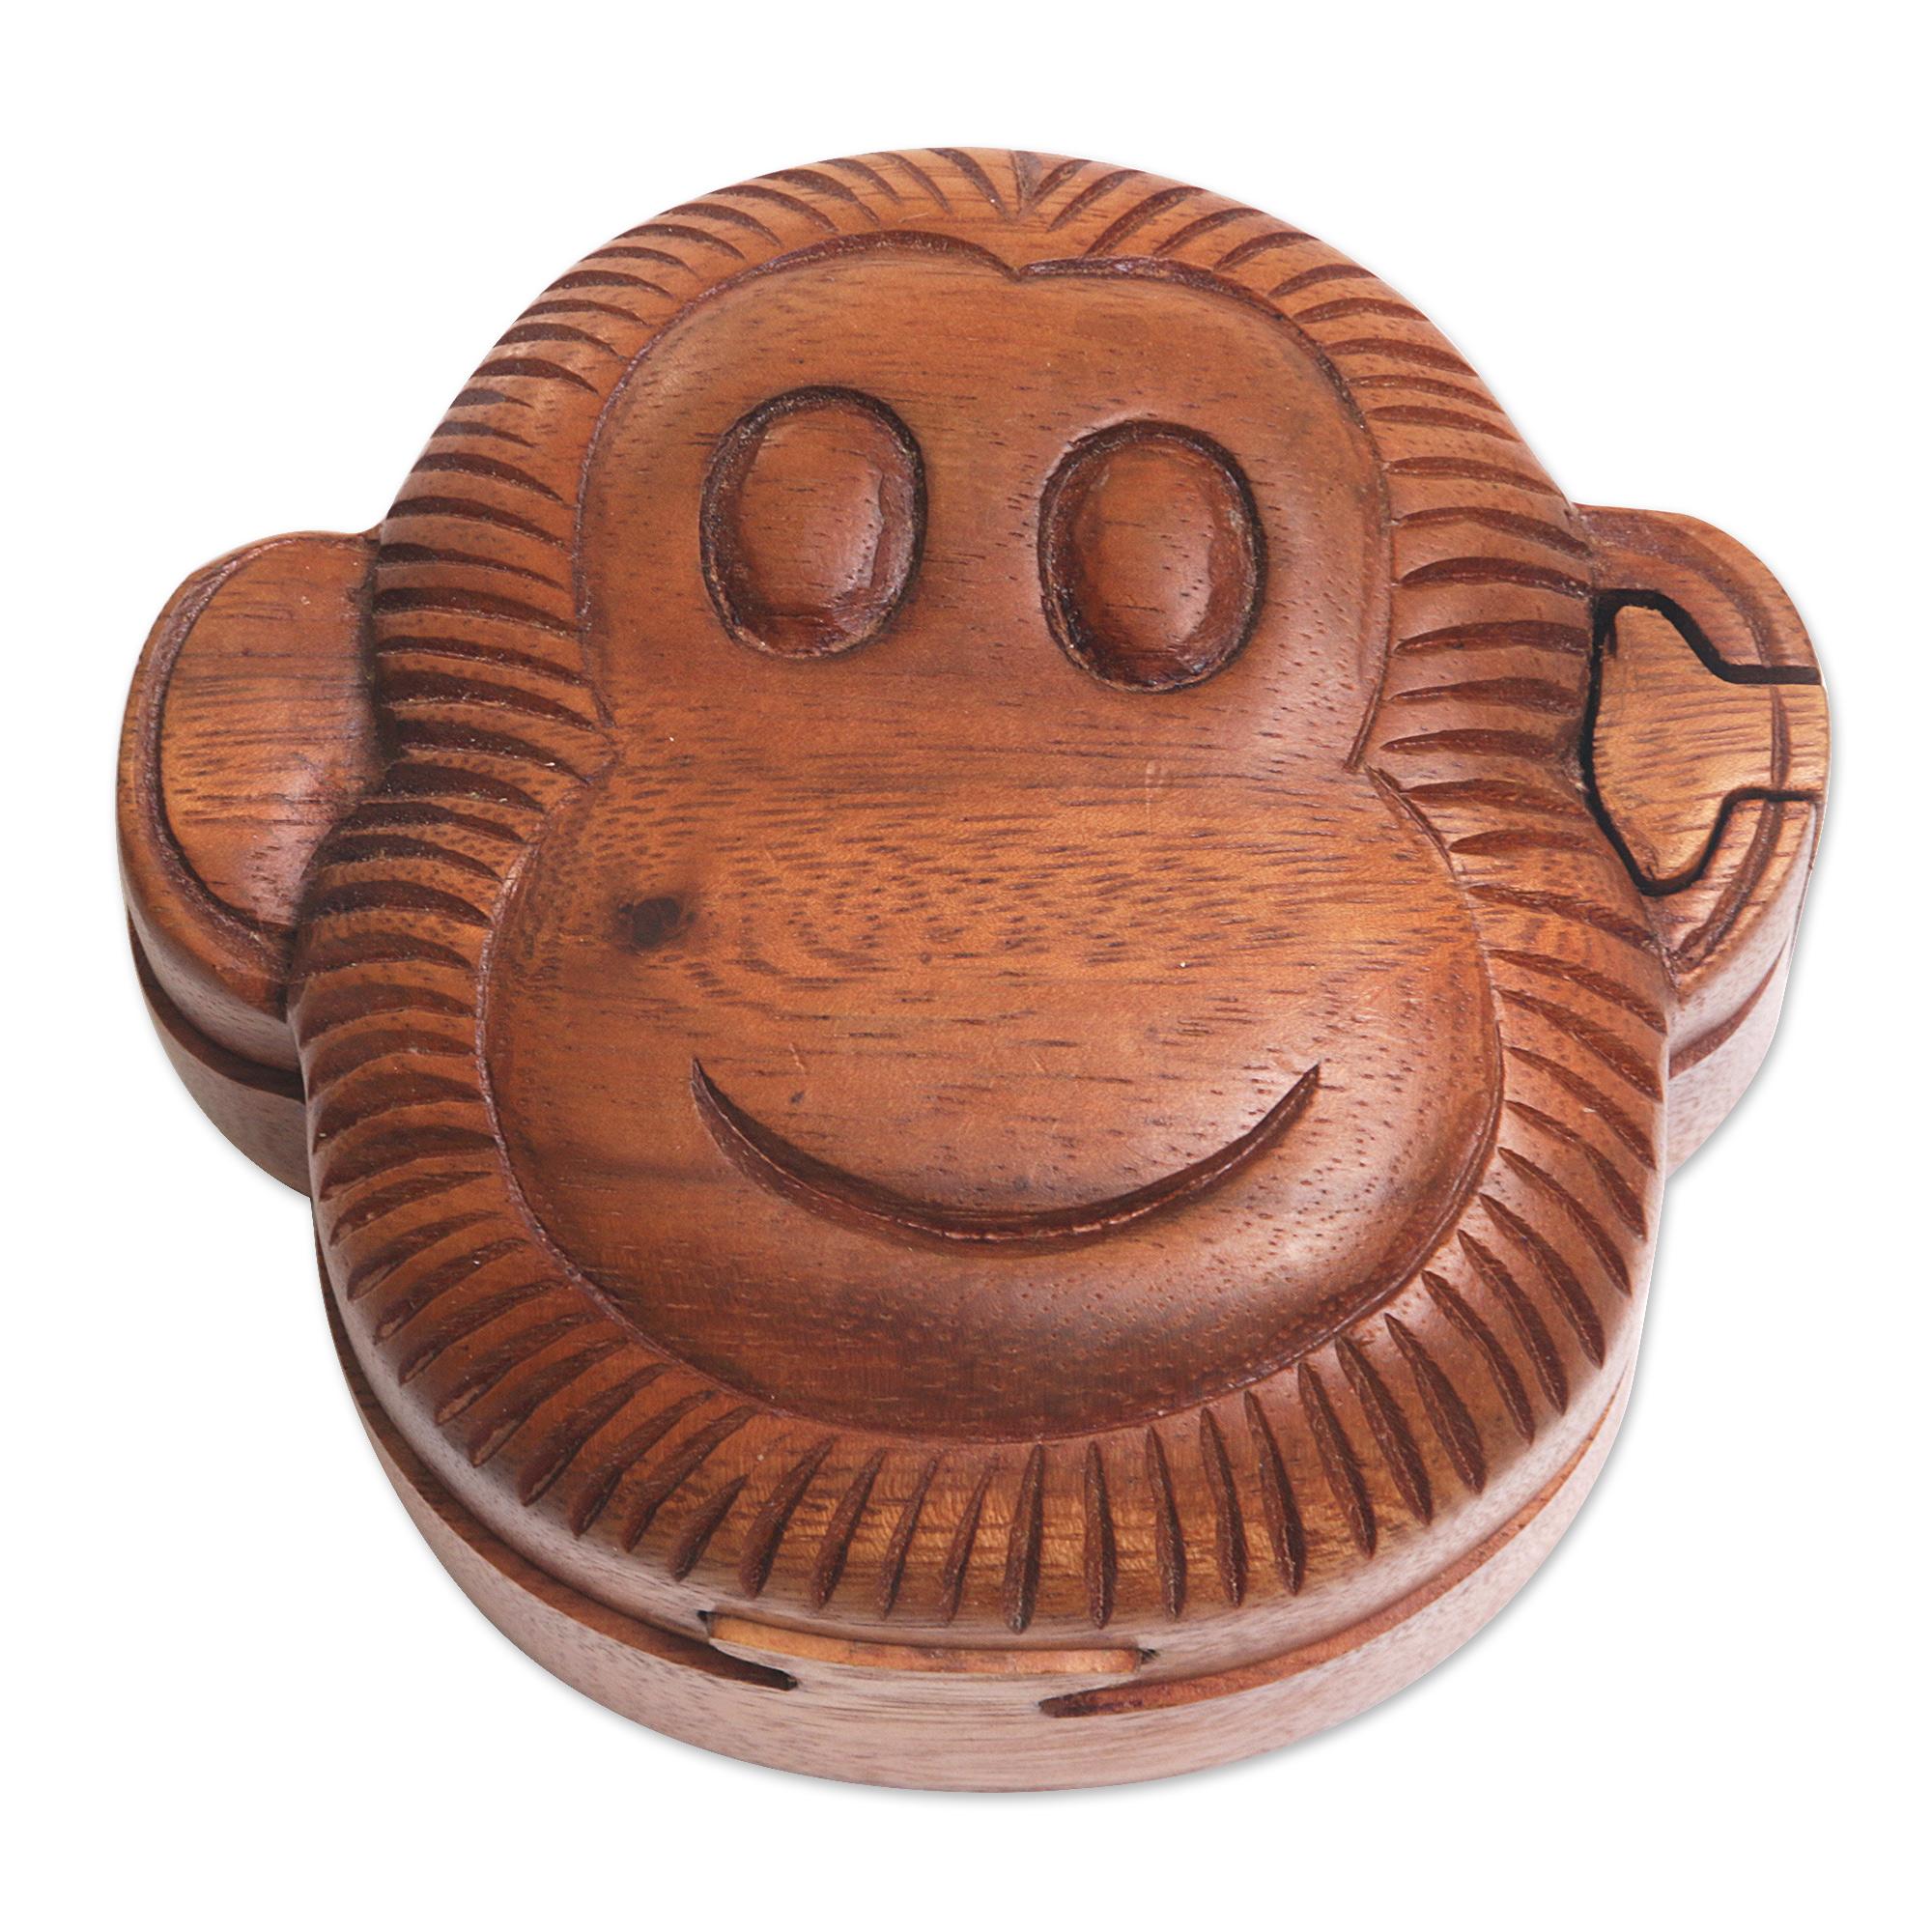 wood puzzle box happy monkey hand made wood puzzle box monkey face - Decorative Box